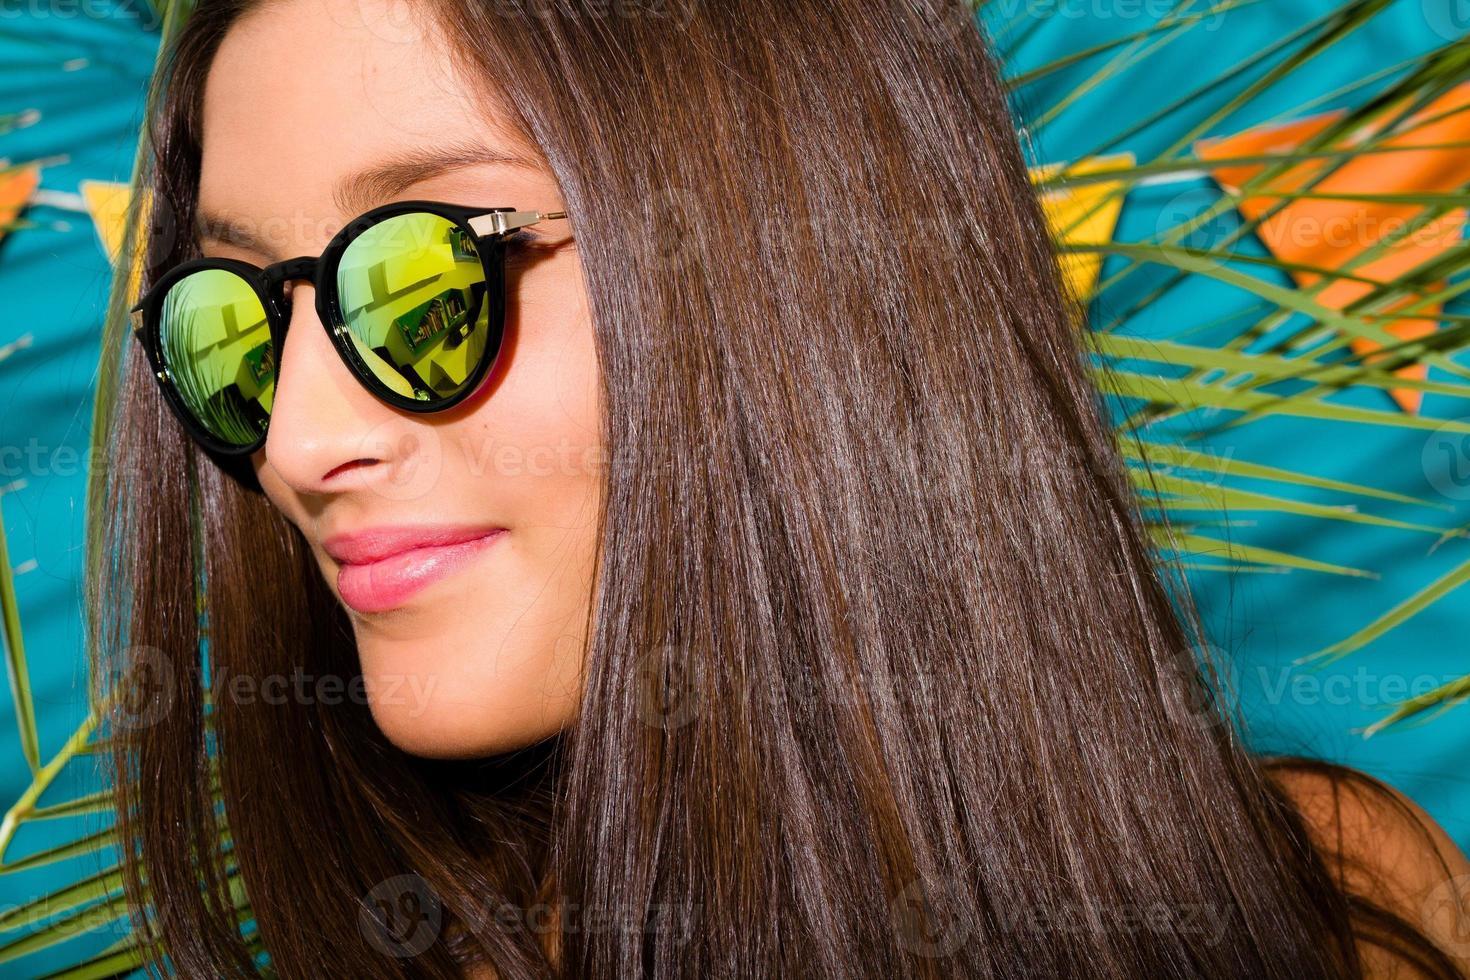 Chica con gafas de sol de espejo sobre un fondo con hoja de palma foto